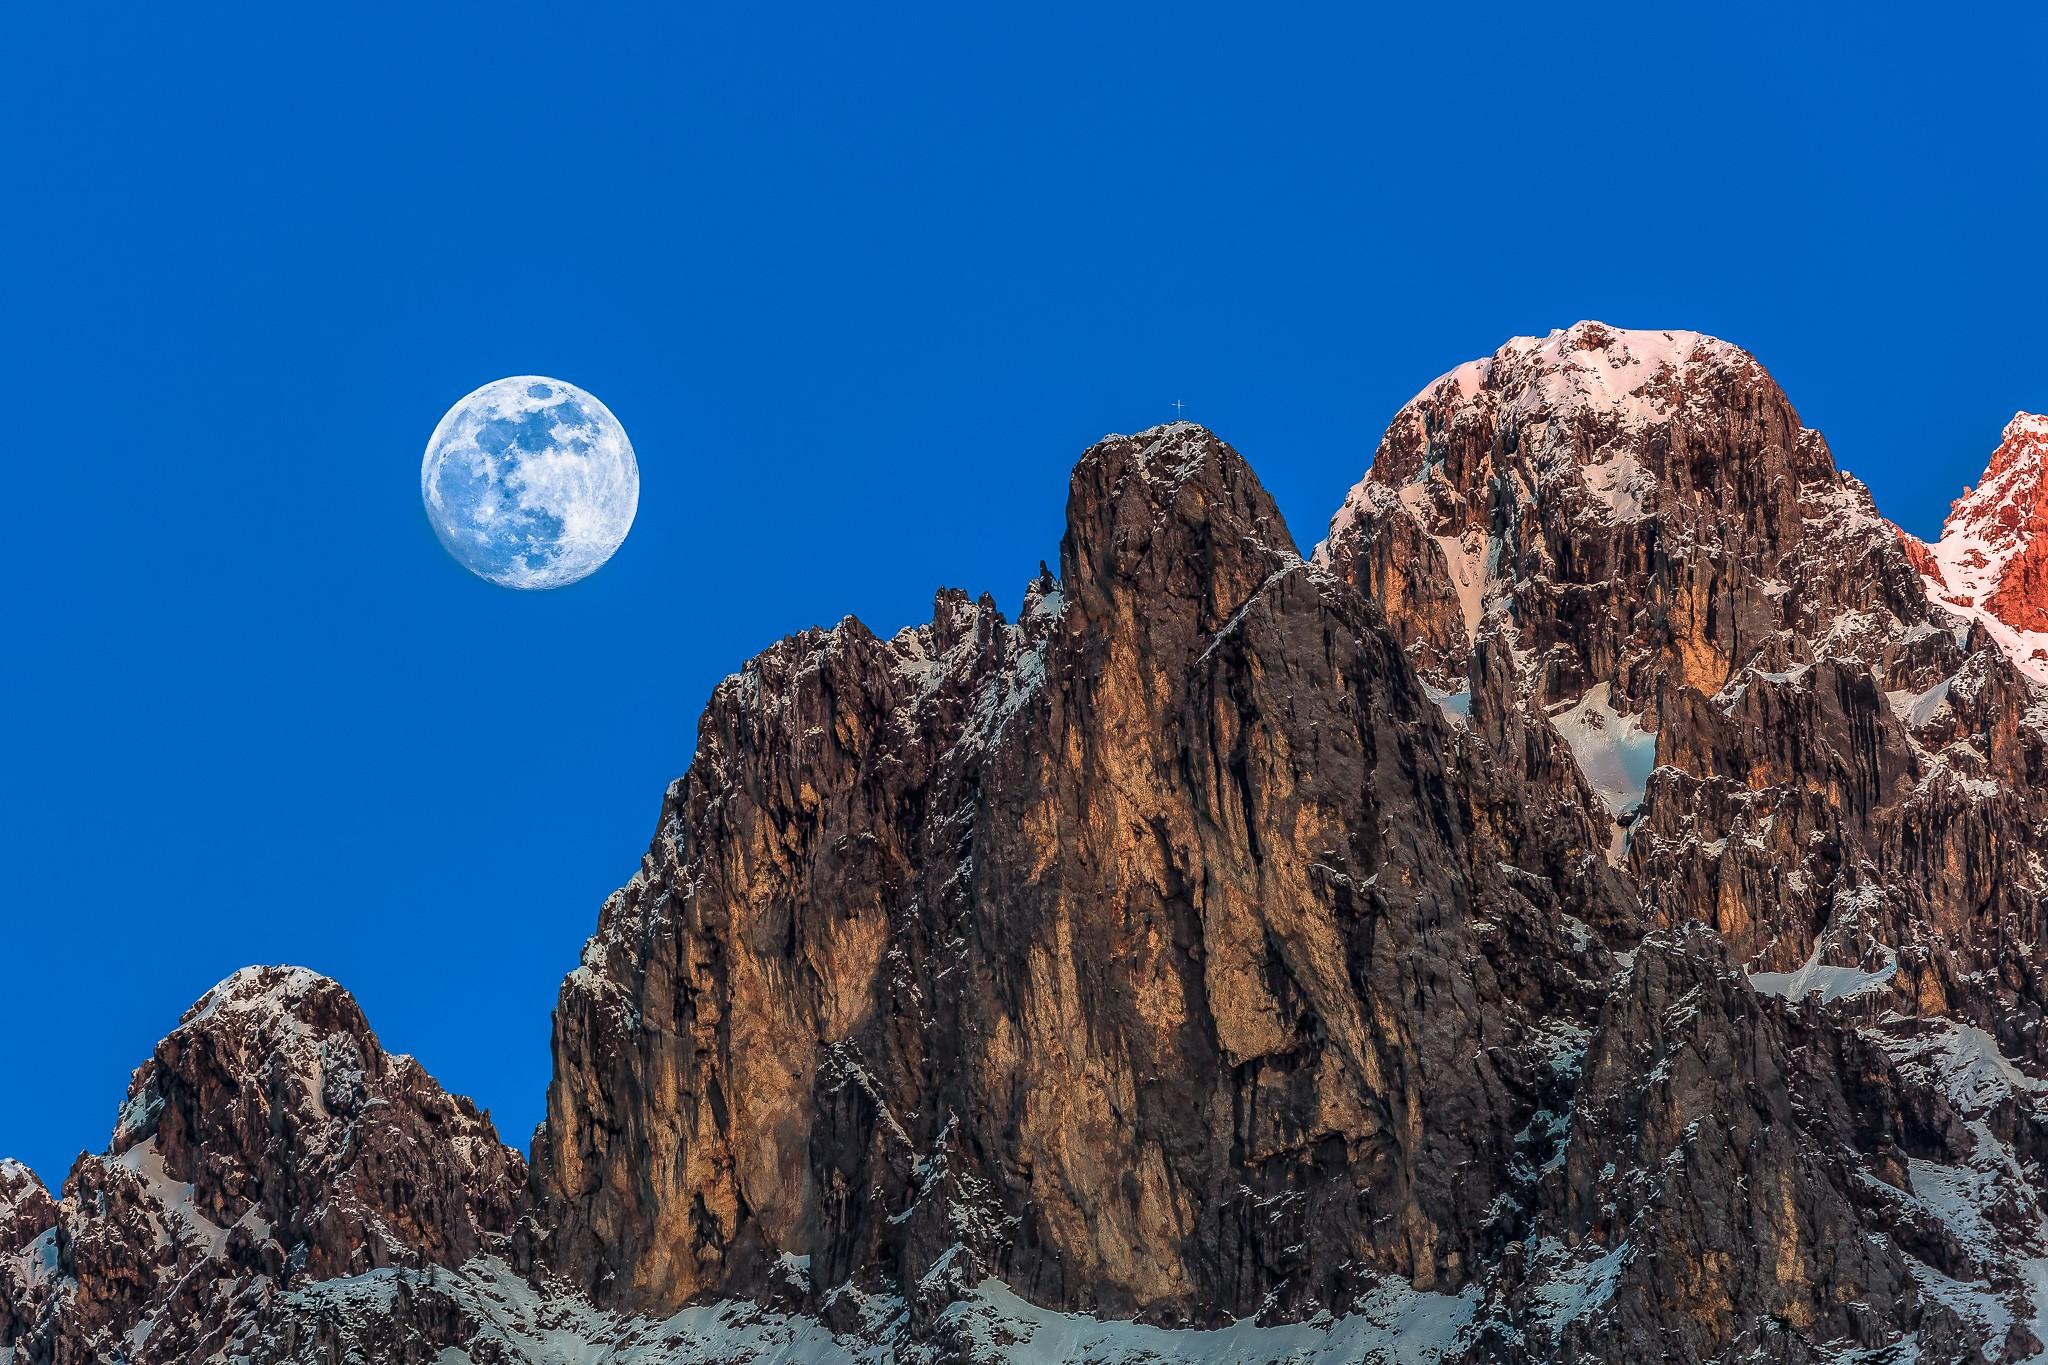 Vierer mit Mond - Karwendel mit Vollmond